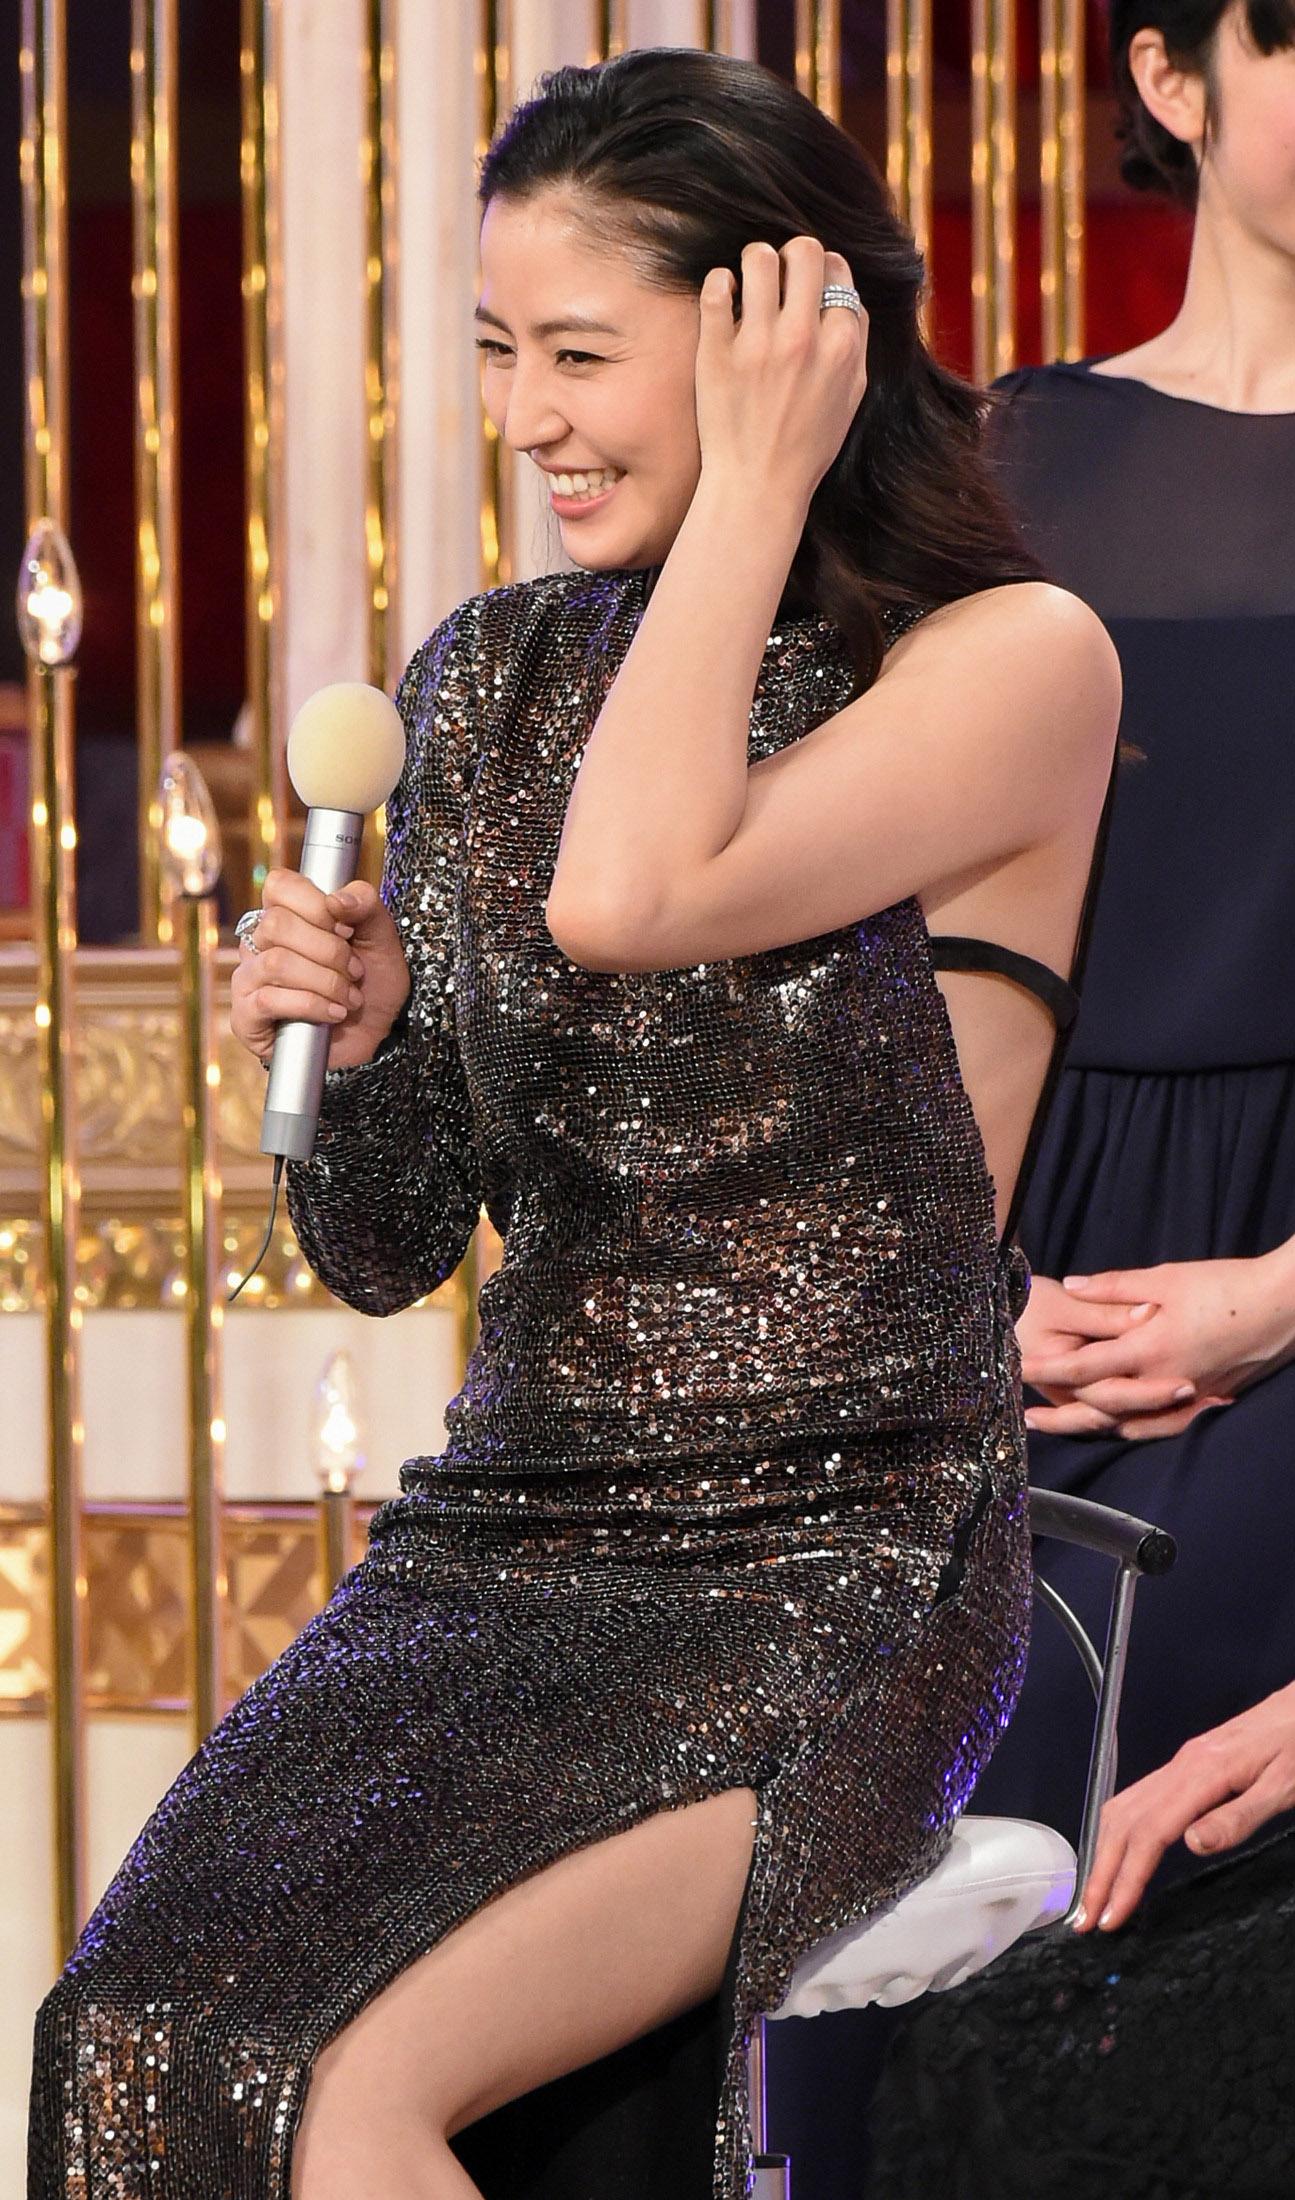 長澤まさみ JAPANアカデミー賞授賞式で過激な露出衣装☆☆☆wwwwwwwwwwwwww